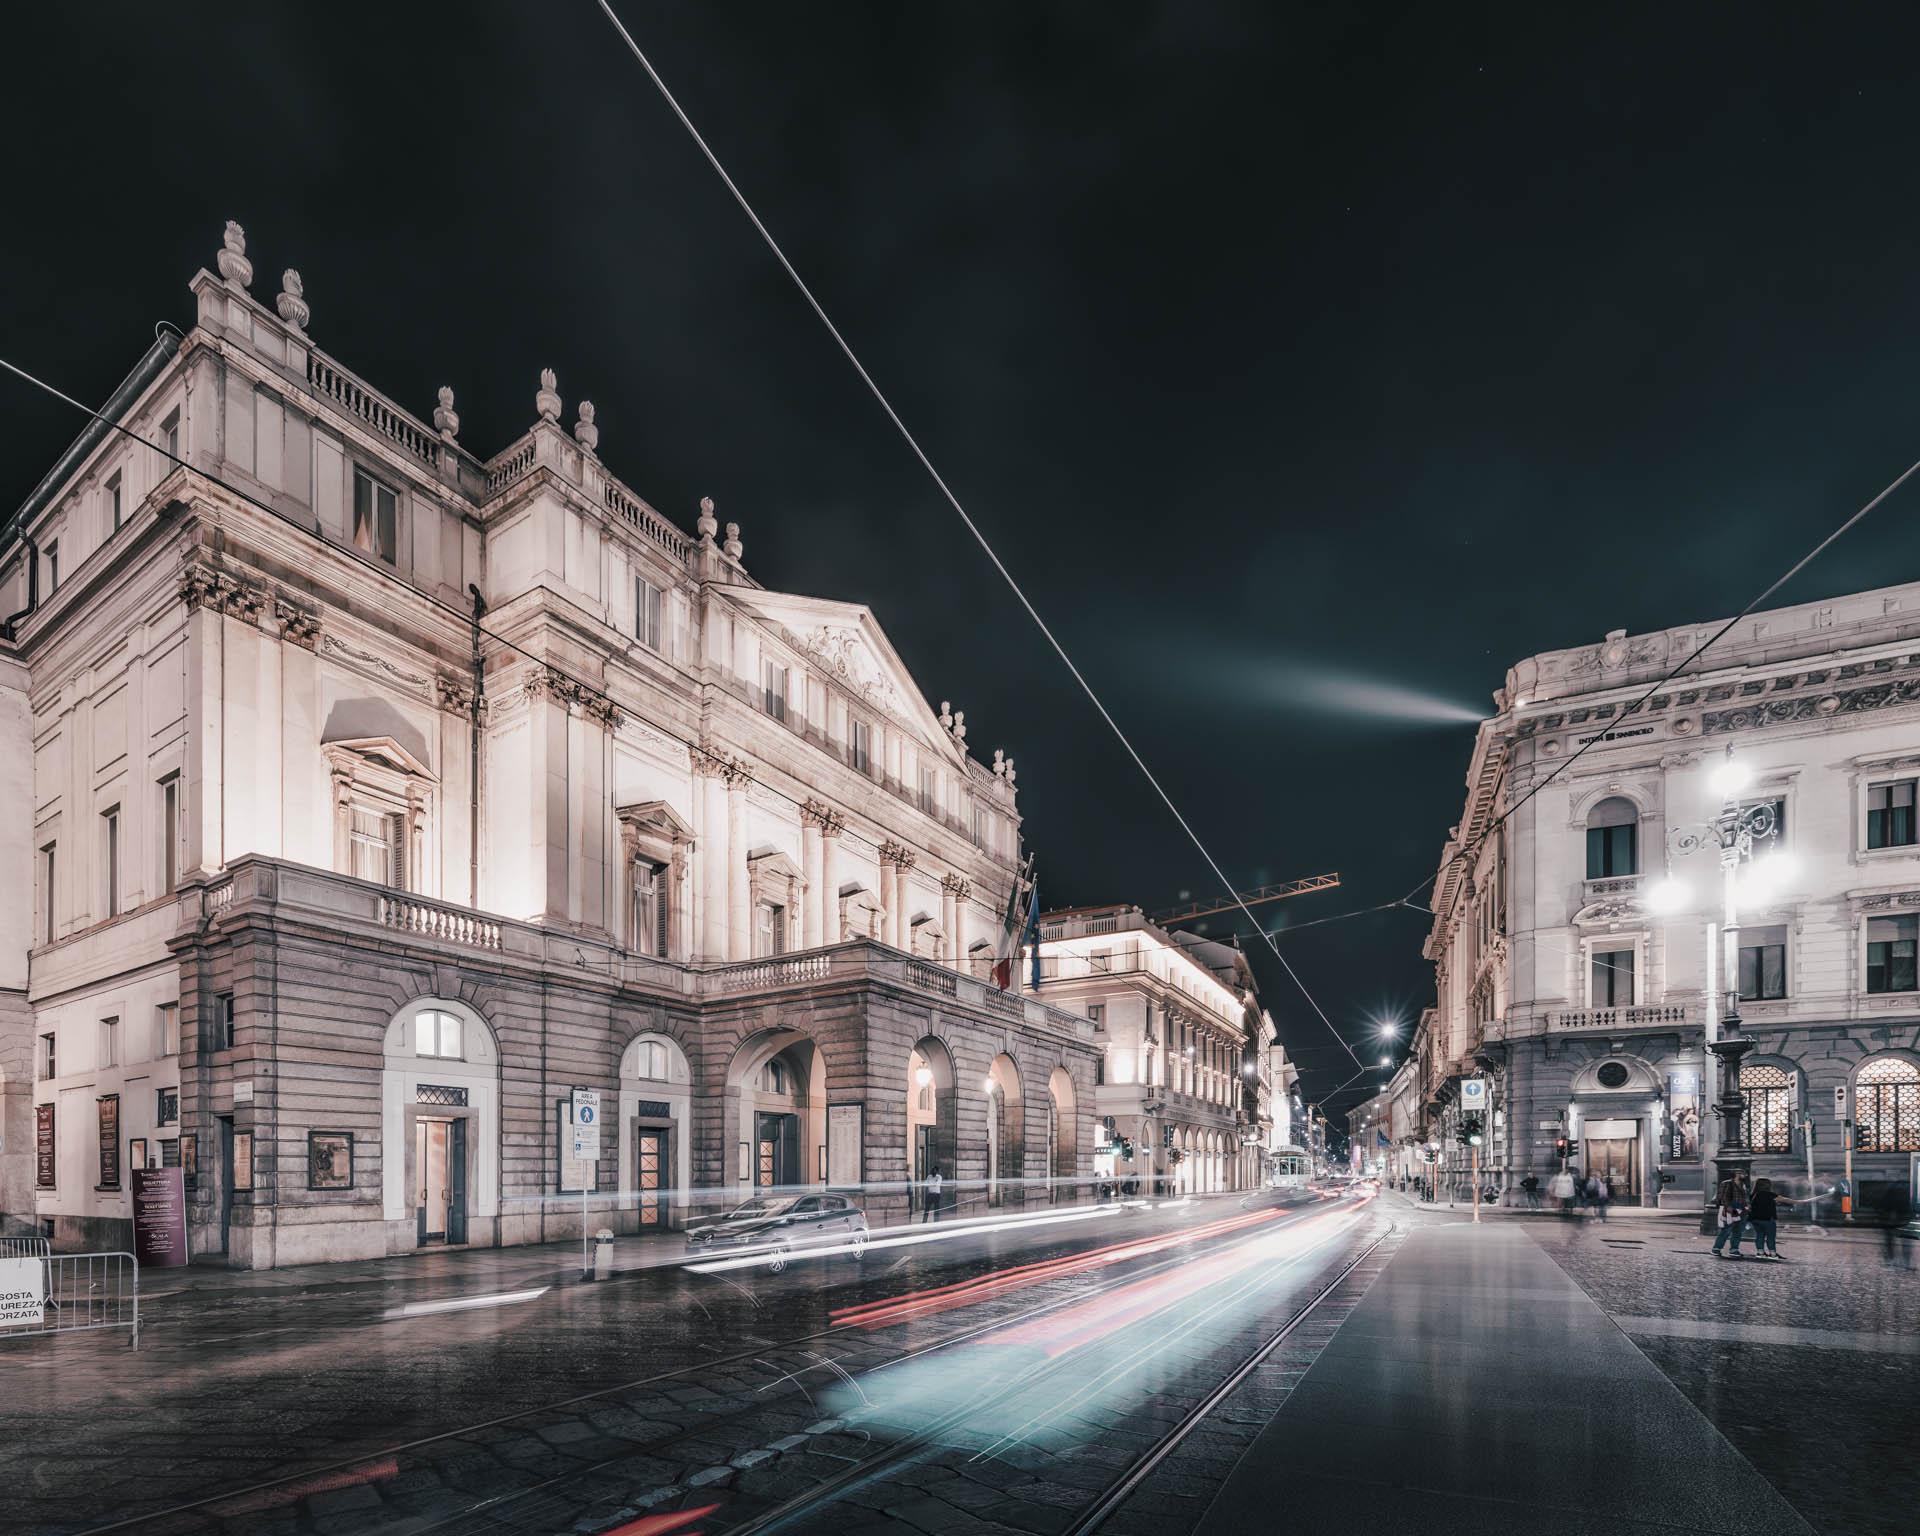 MILANO_2018_STILL_13.jpg